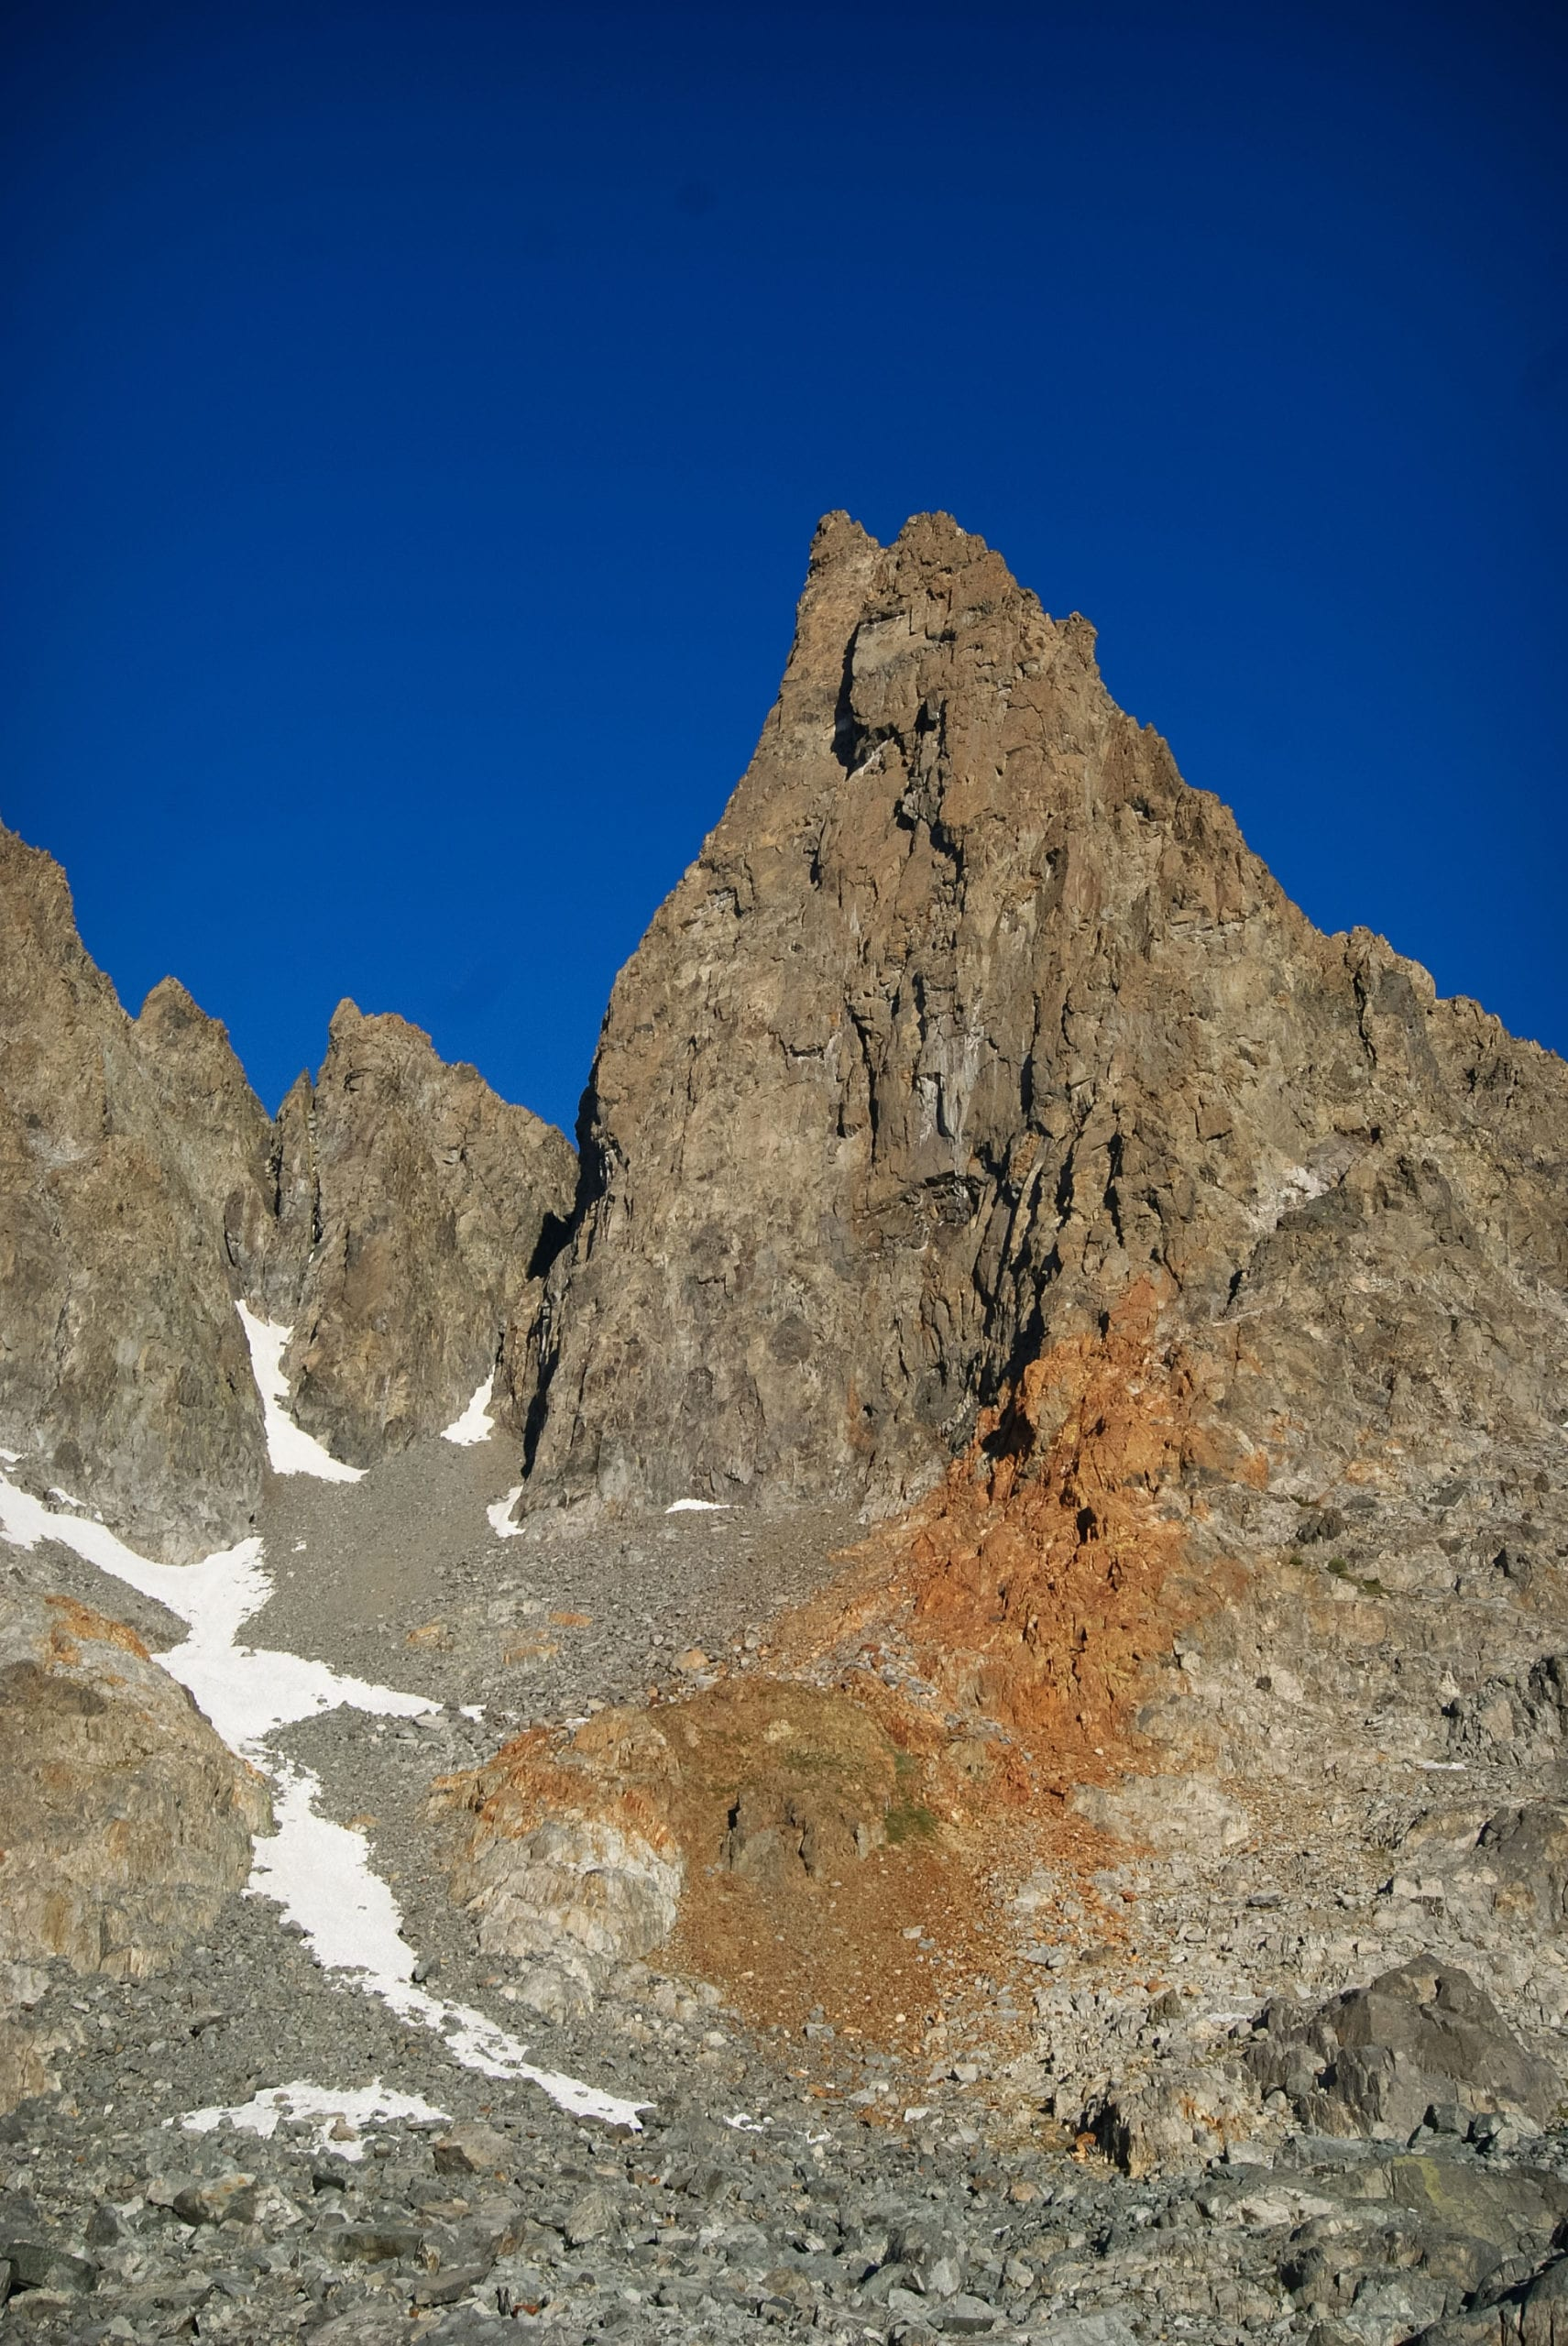 Sierra Nevada Clyde Minaret Climbing